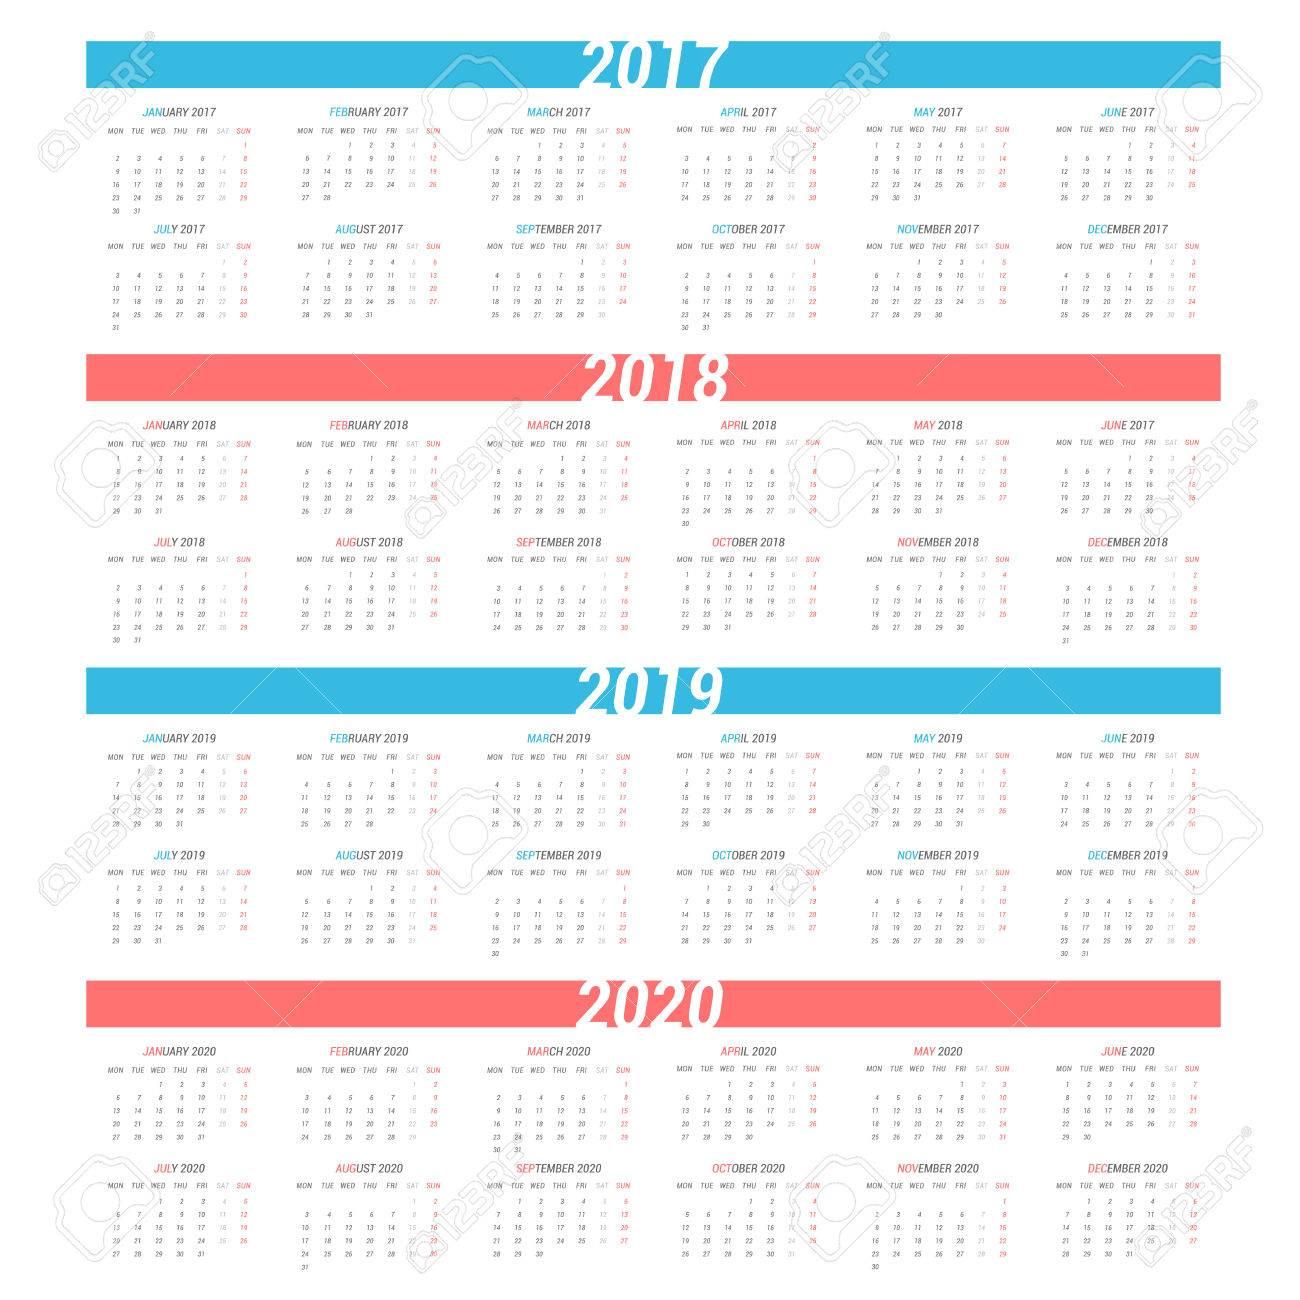 Calendrier 2020 Semaine Numerotees.Calendrier Simple Pour 4 Ans 2017 2018 2019 2020 Semaine Commence A Partir De Lundi